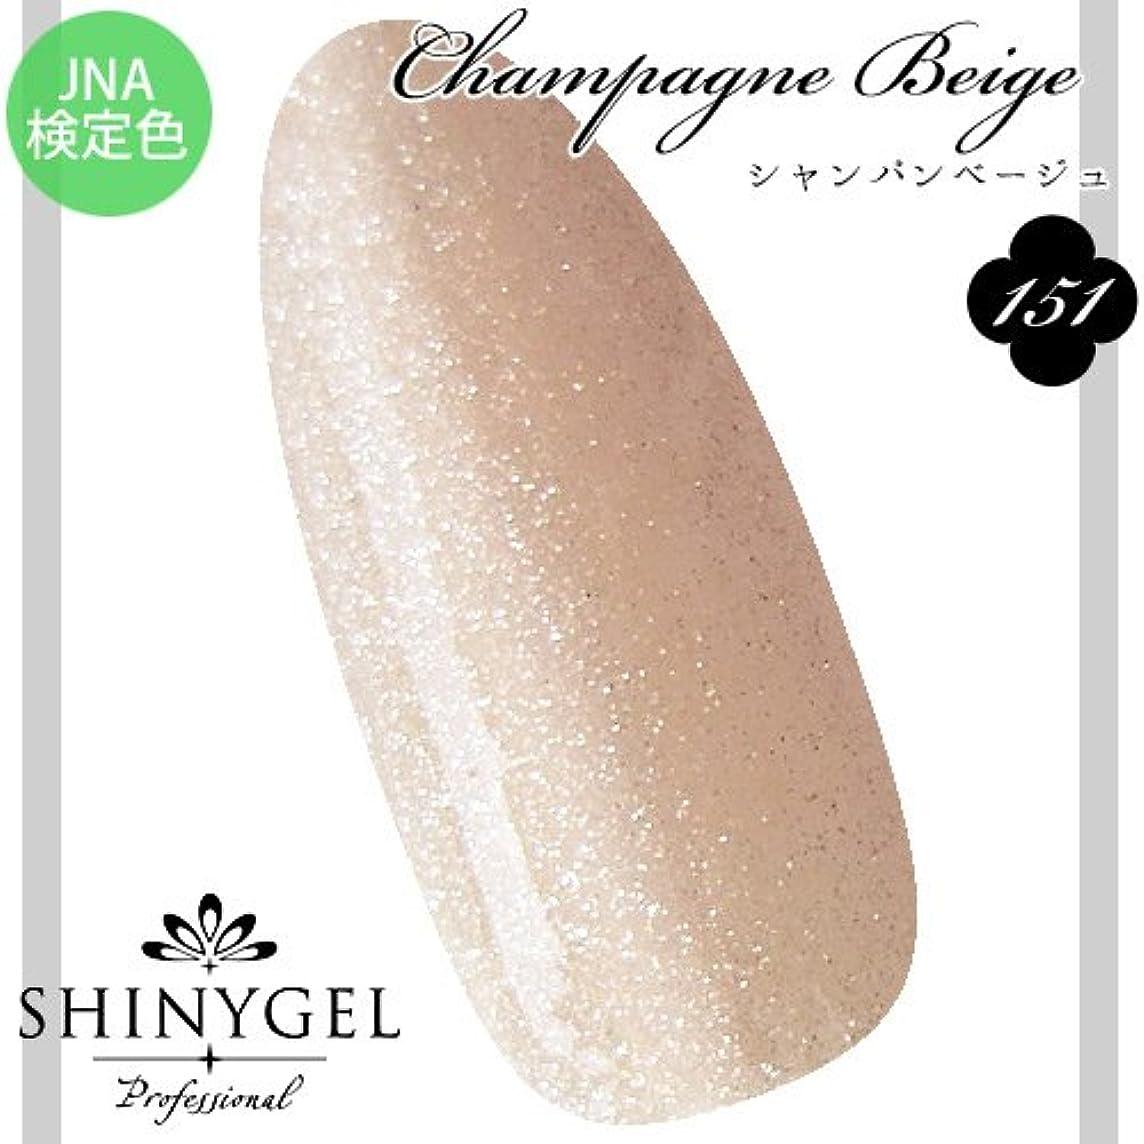 最適致命的フェッチSHINY GEL カラージェル 151 4g シャンパンベージュ UV/LED対応